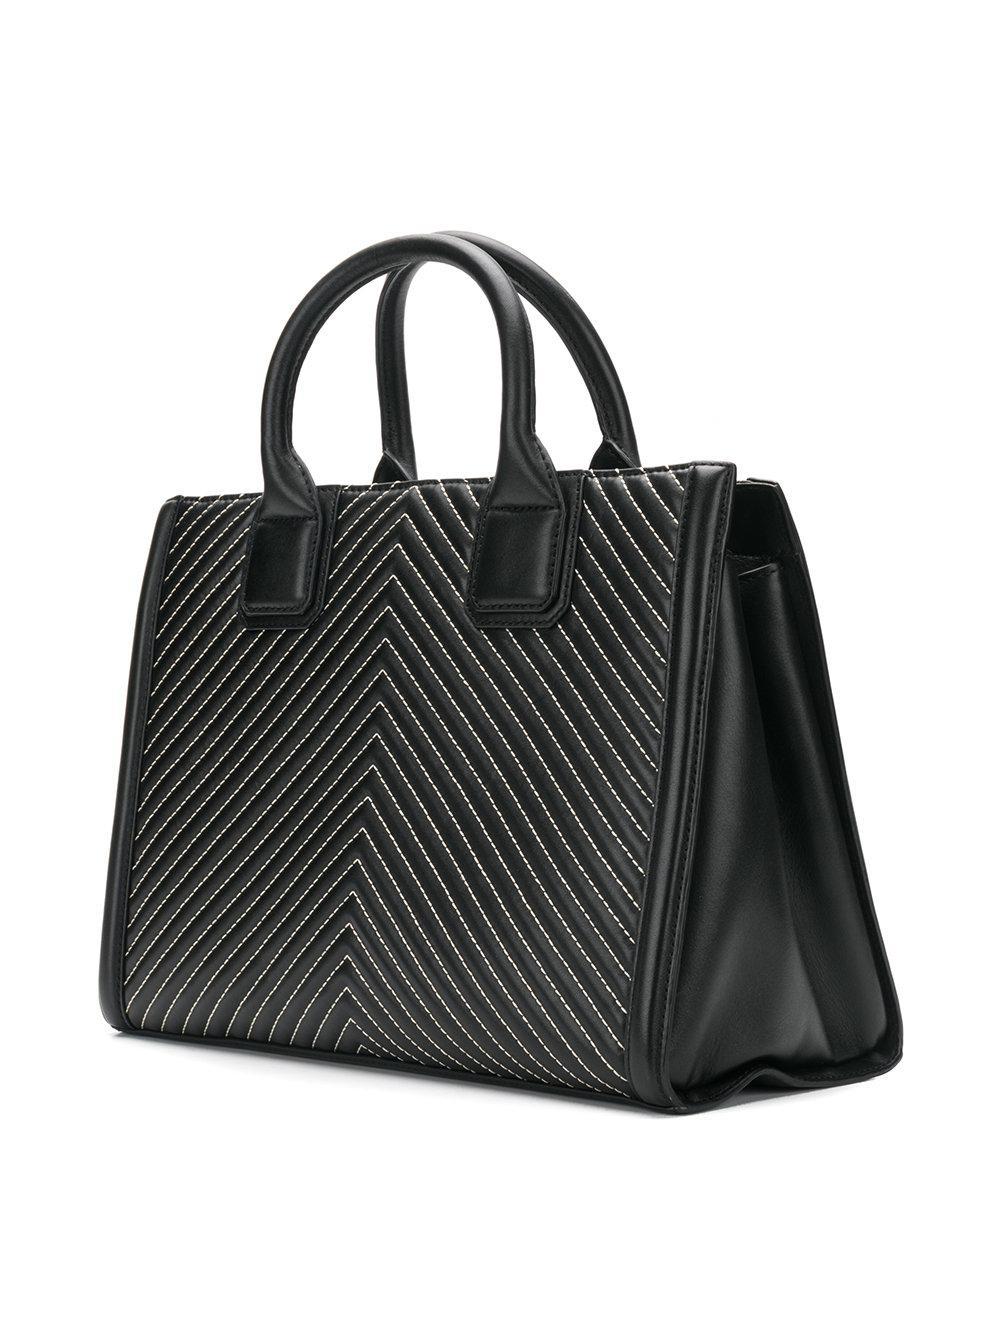 Klassik quilted tote bag - Grey Karl Lagerfeld 6KFtk3Hceg